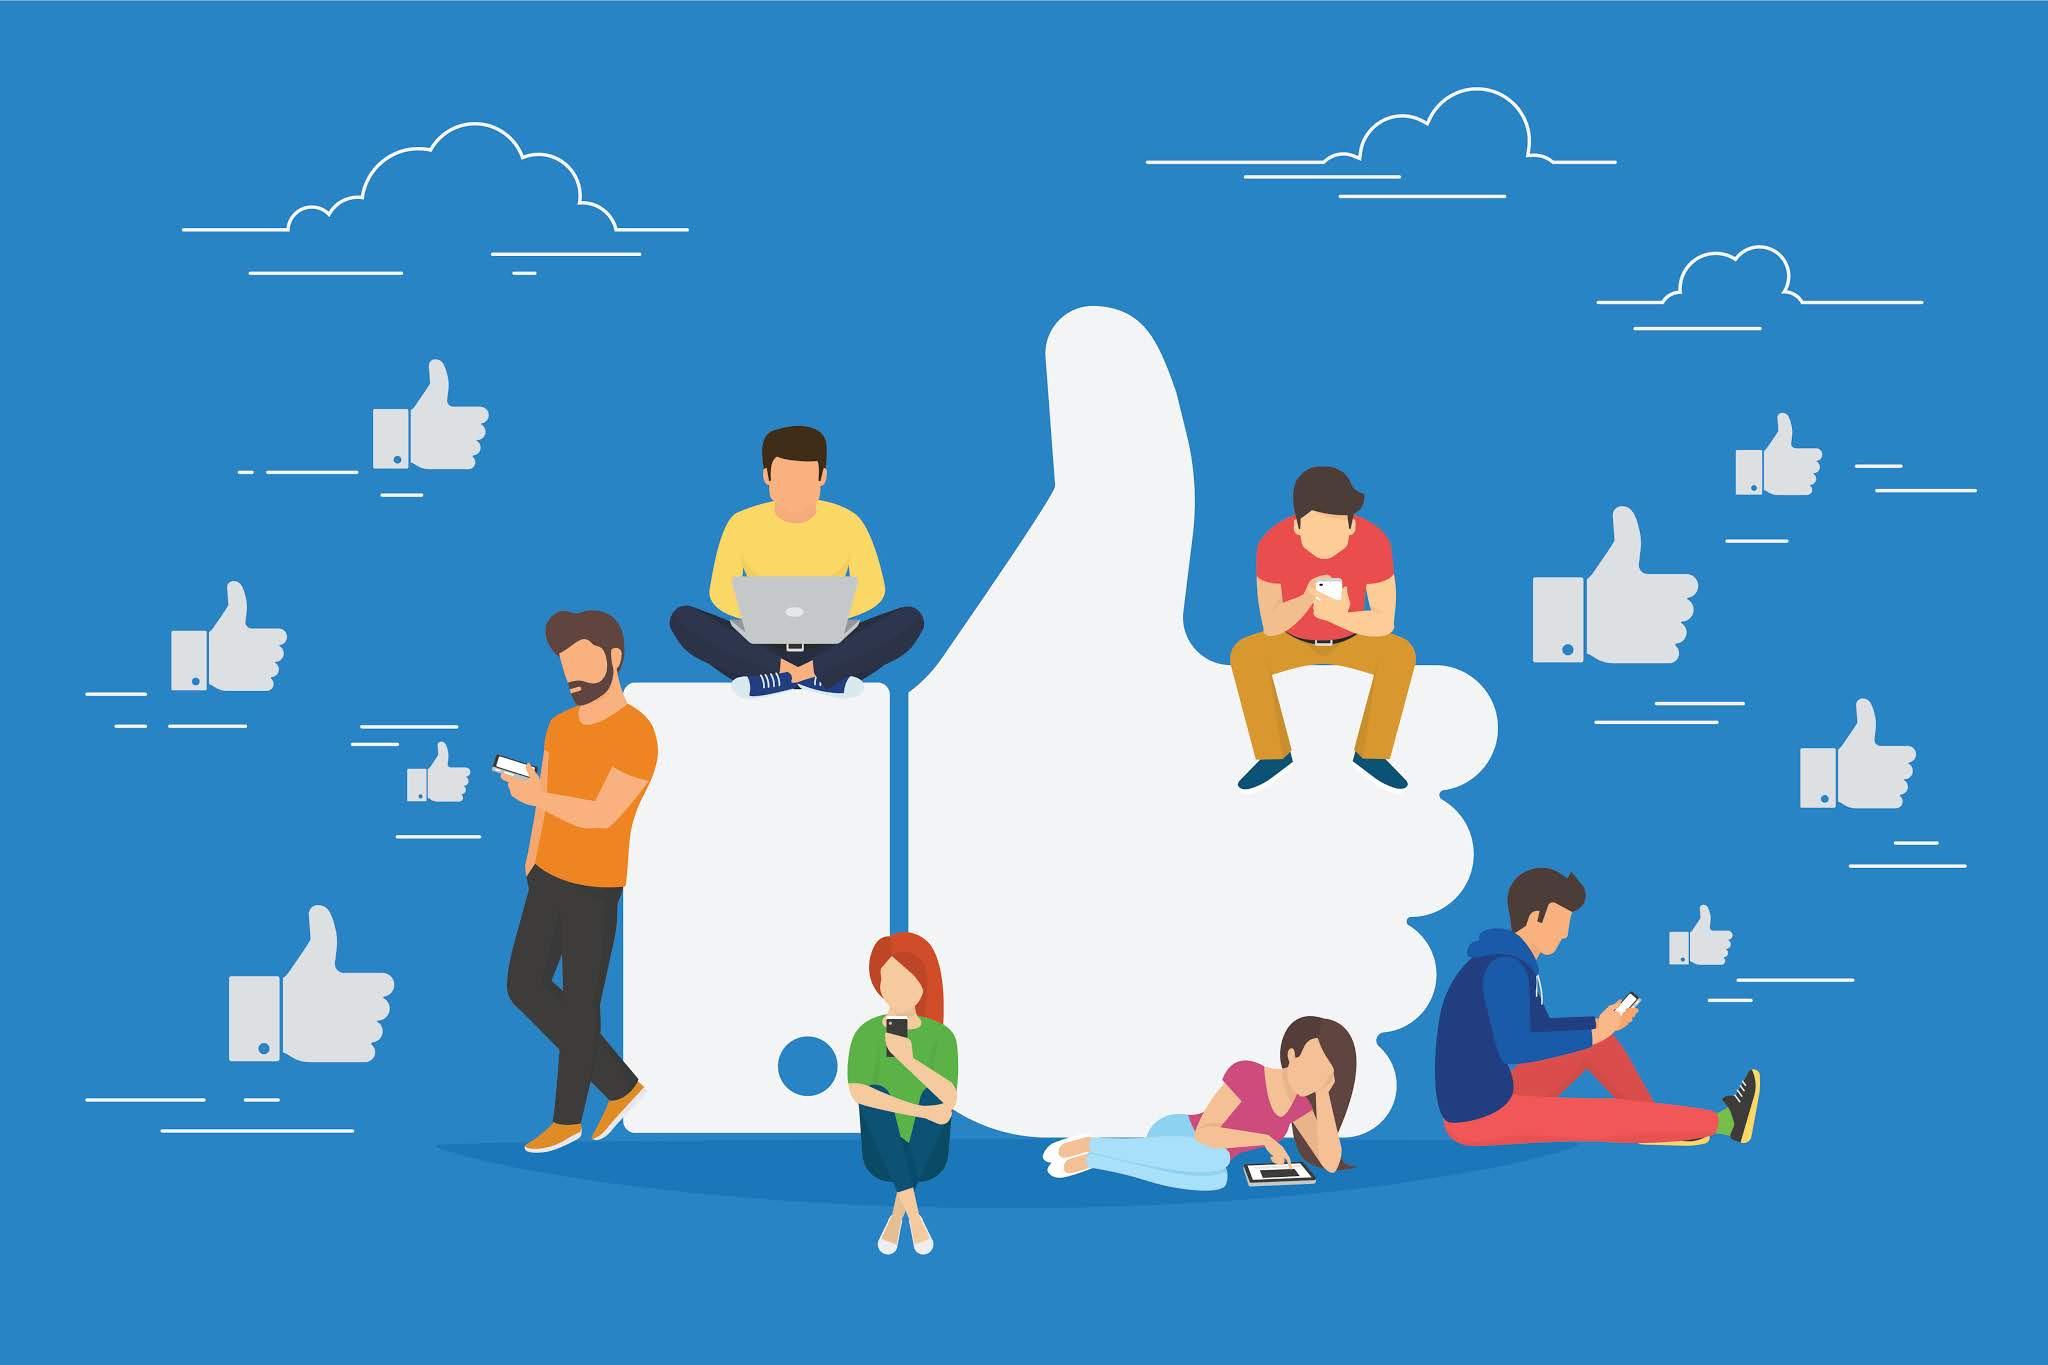 Designing a Clickable Social Media Card